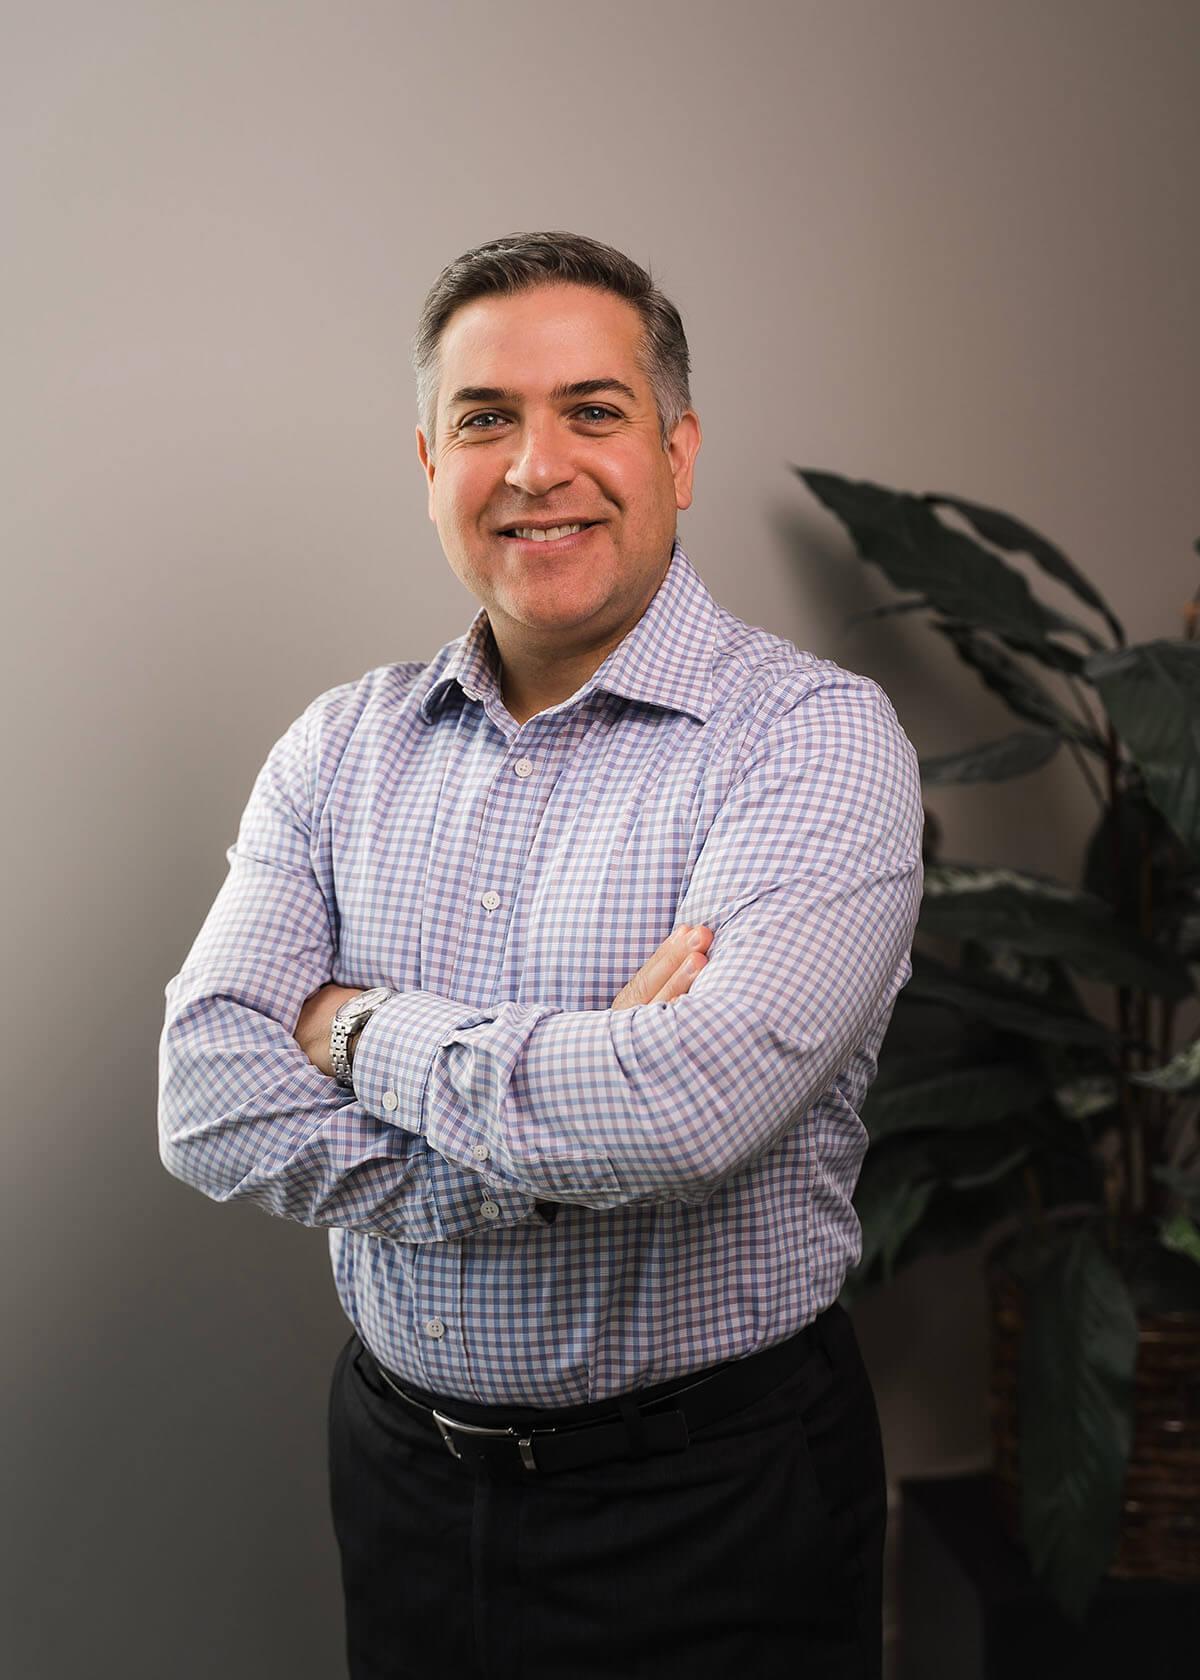 Brien J. Lasse, CFP®, CKA®'s profile image